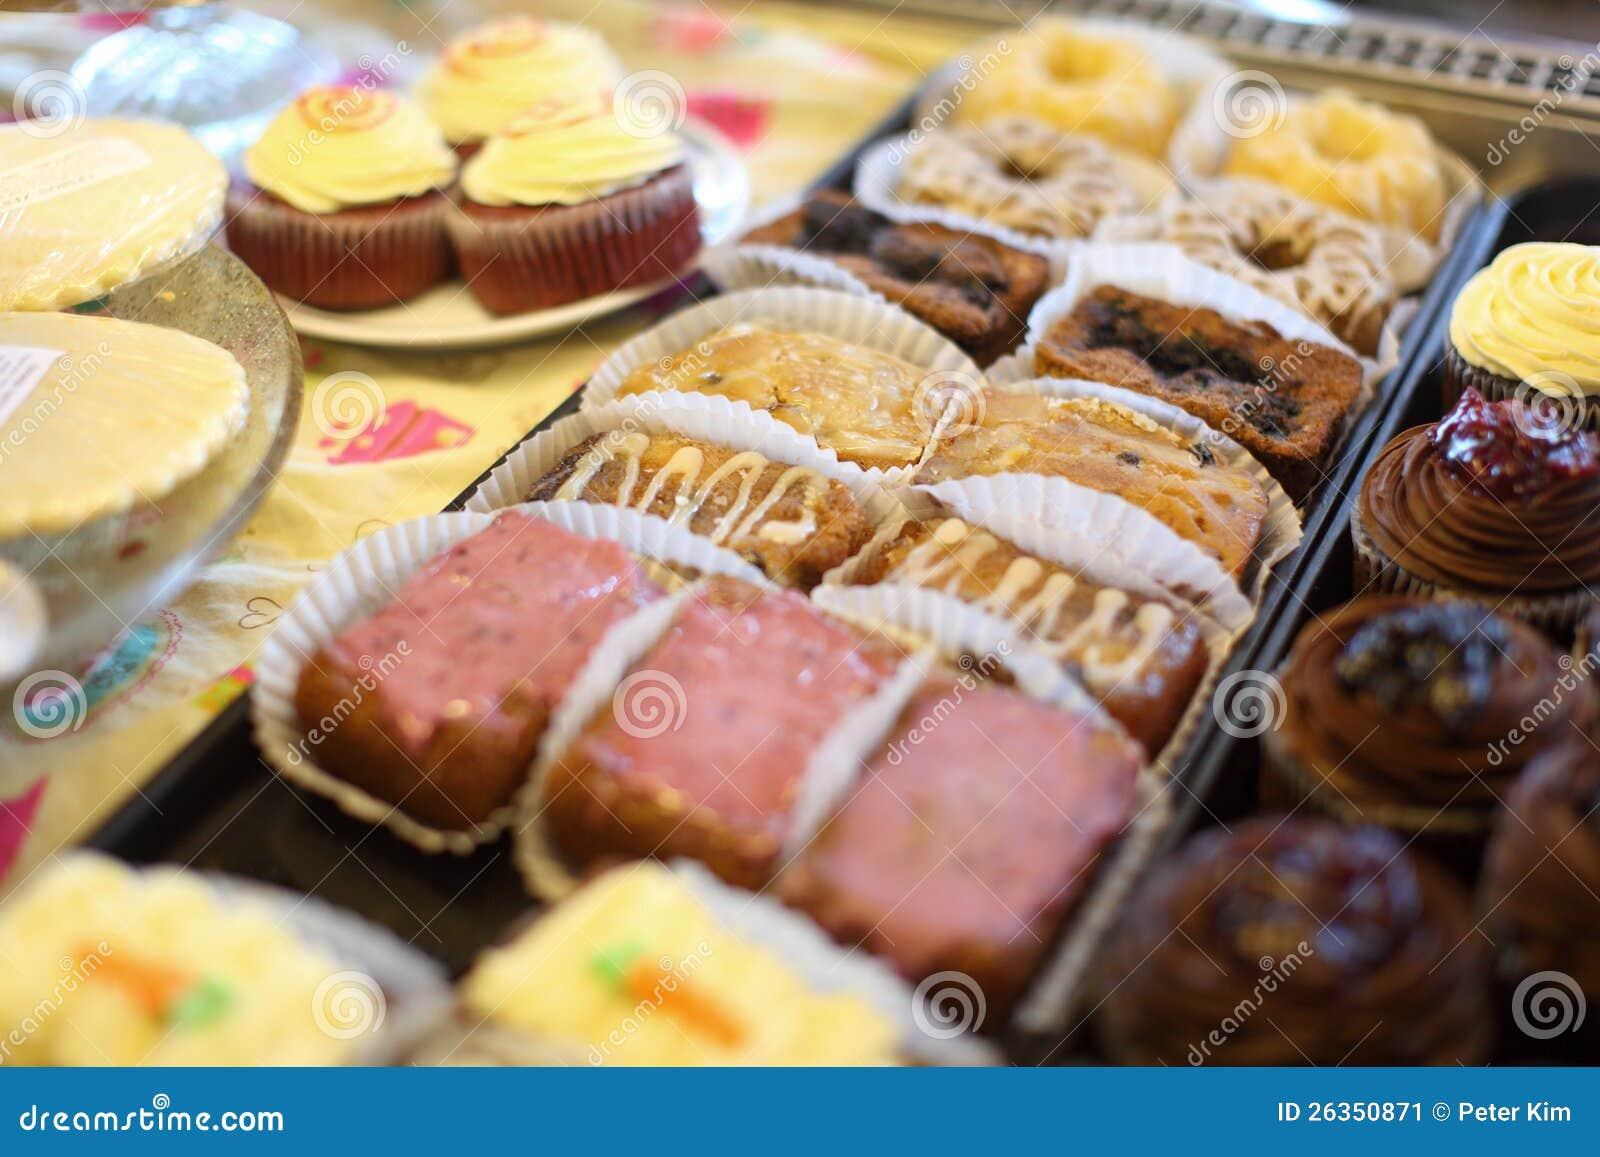 被分类的微型蛋糕和杯形蛋糕